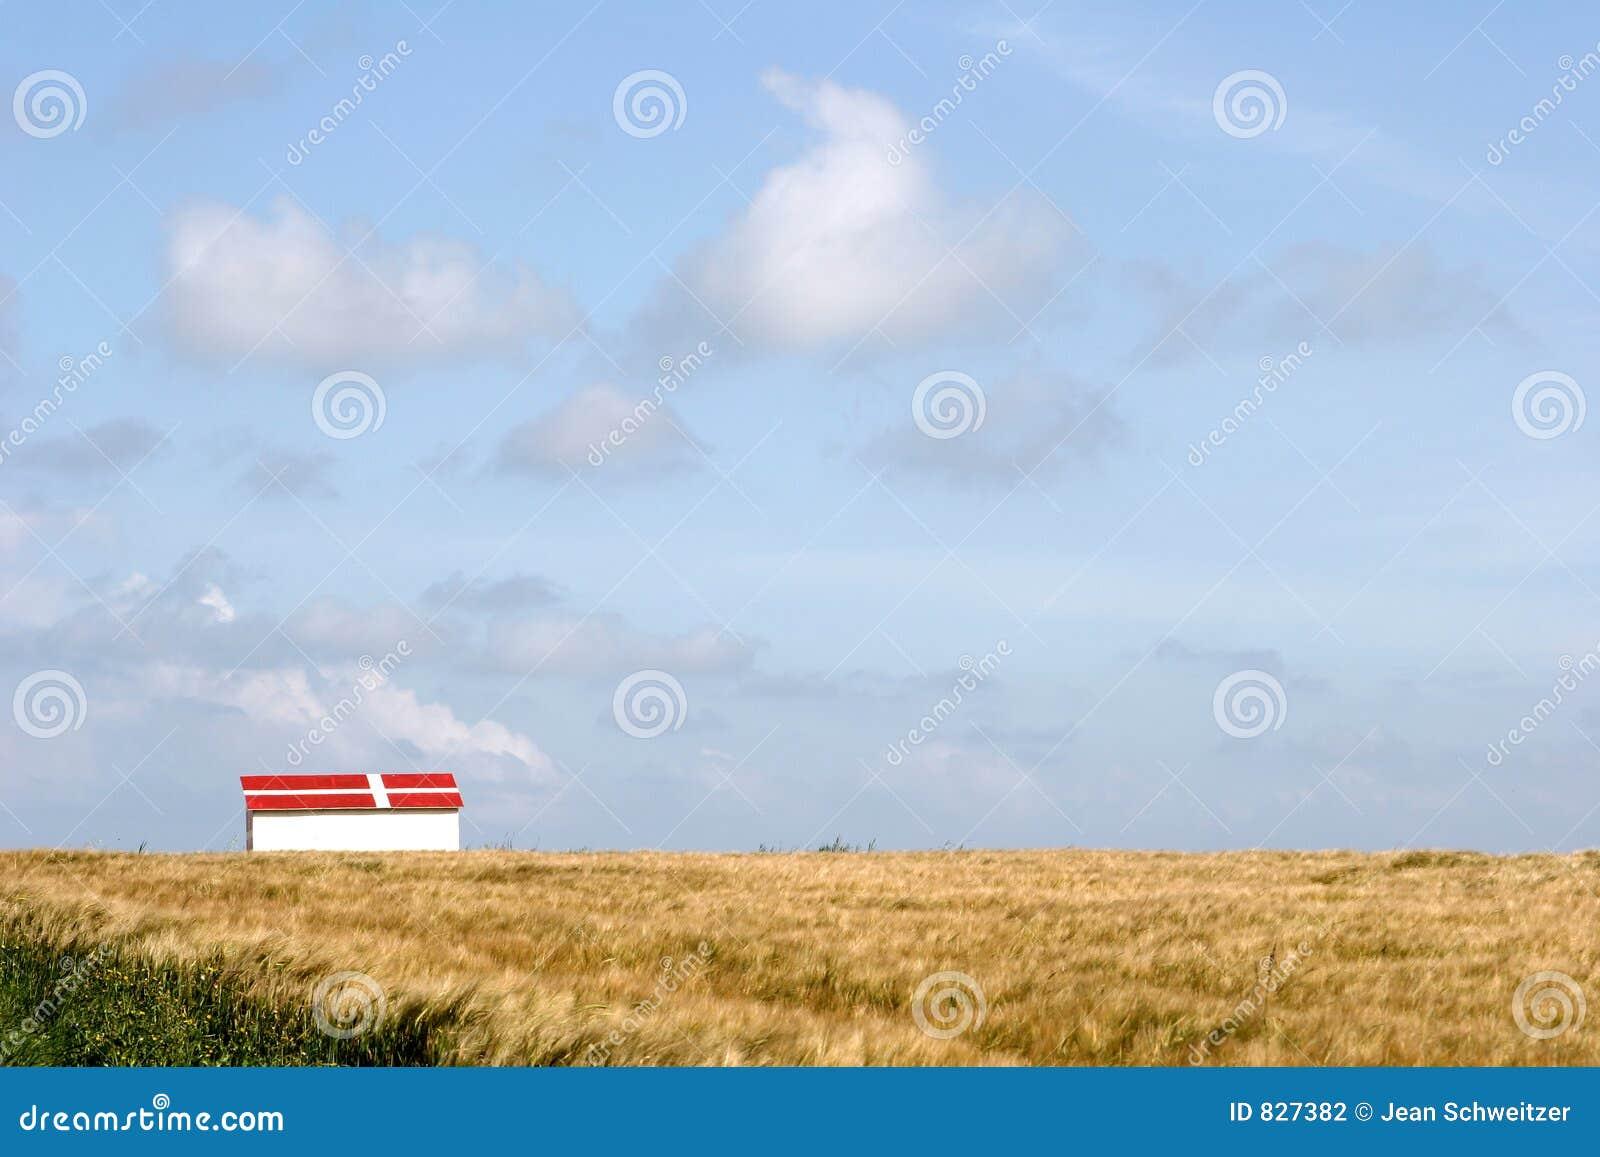 Rural denmark